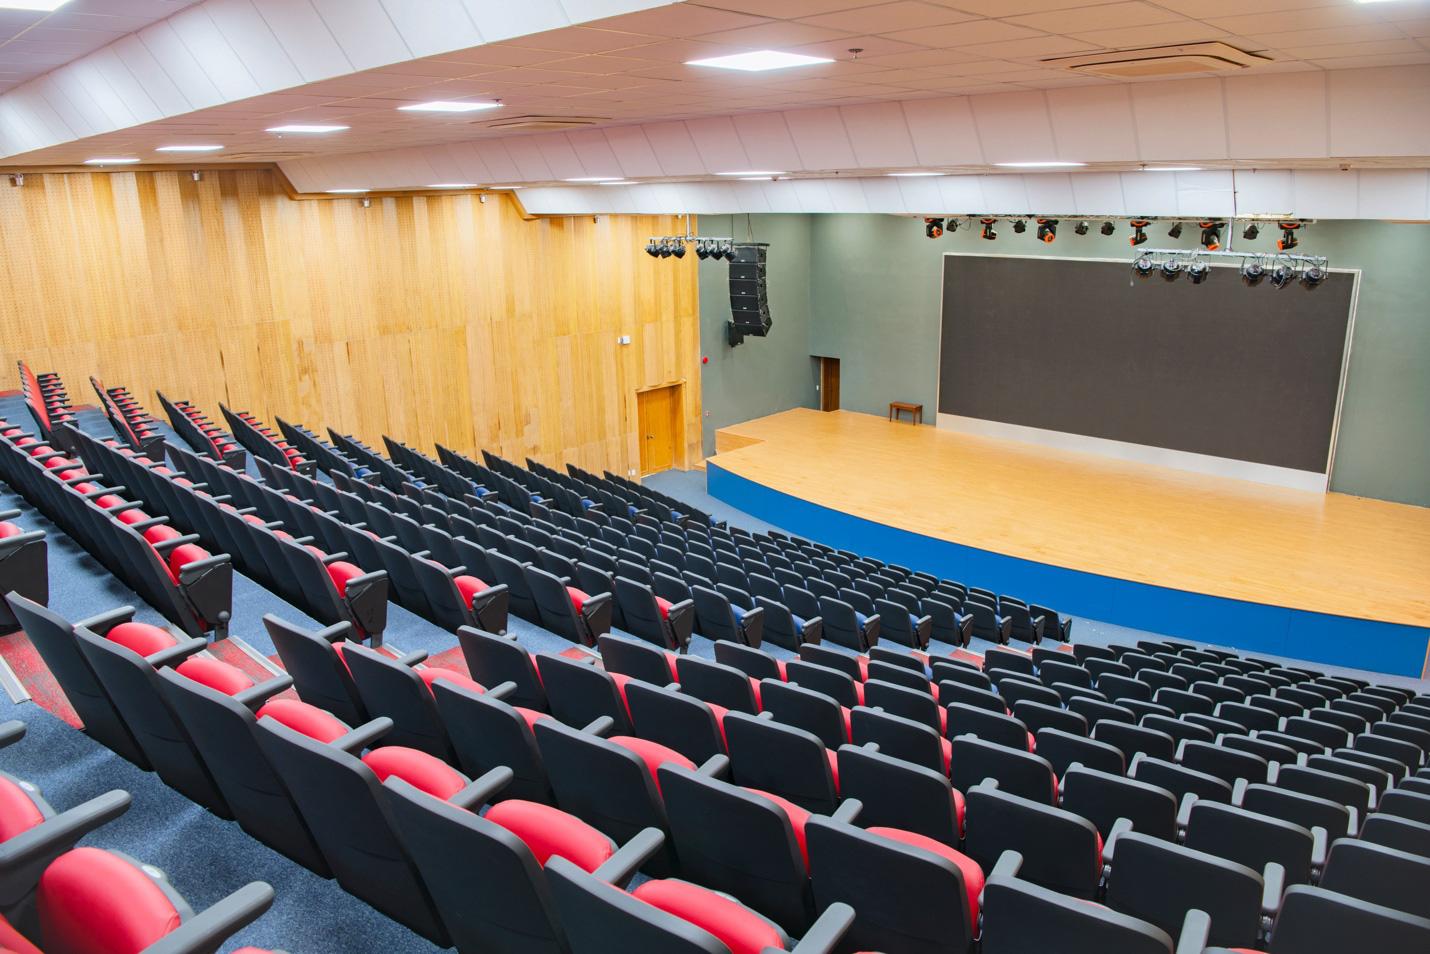 Được ví như ngôi trường trong phim Hollywood, trường Quốc tế The American School (TAS) có cơ sở vật chất khủng thế nào? - Ảnh 2.